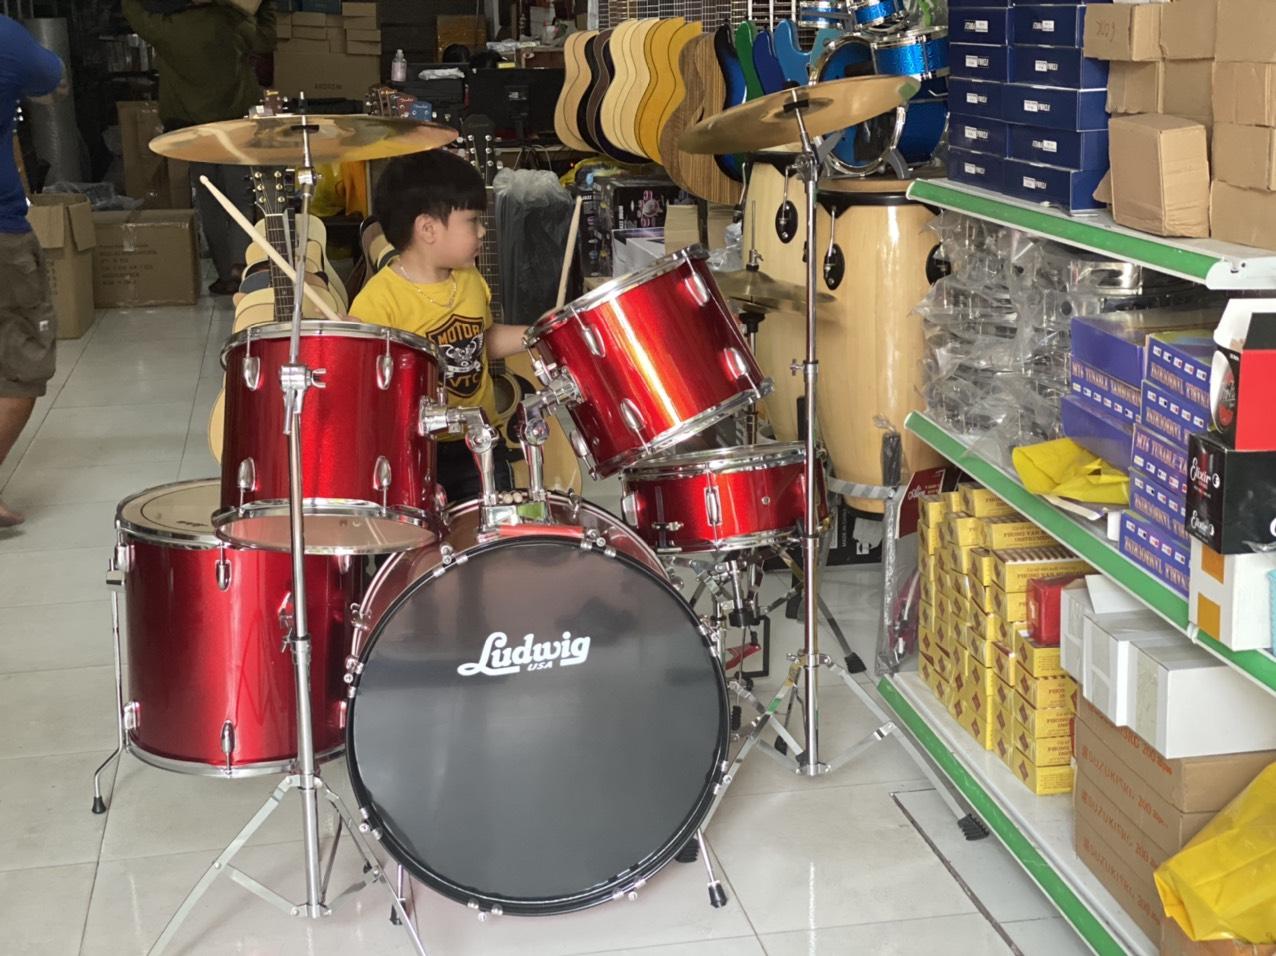 Trống jazz Ludwig màu đỏ